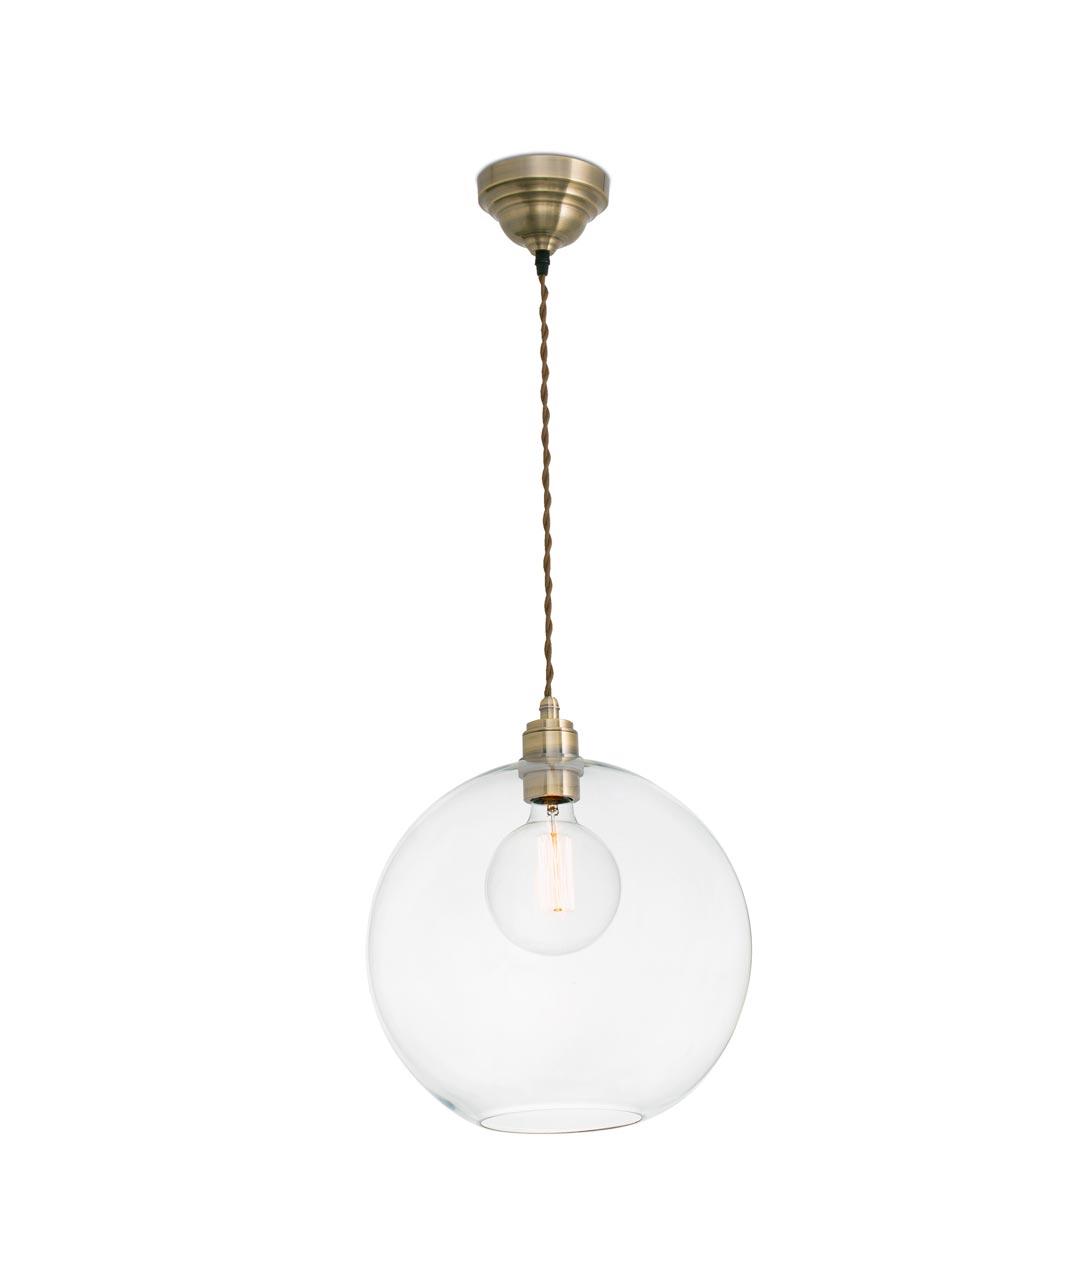 Lámpara colgante transparente ERMA